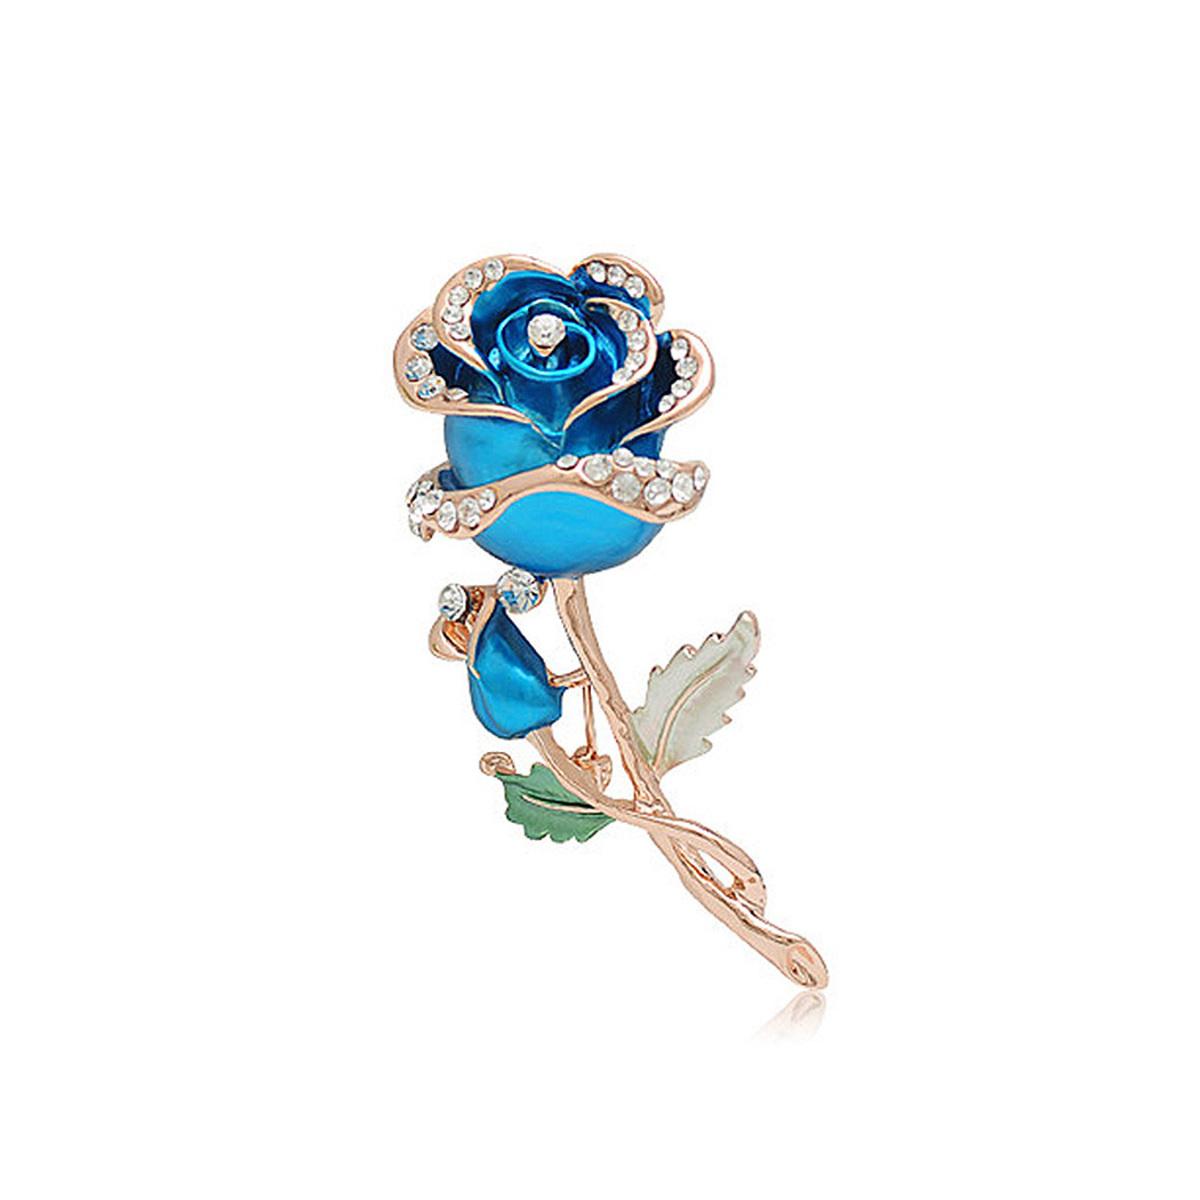 美麗藍色玫瑰花胸針配白色奧地利水晶